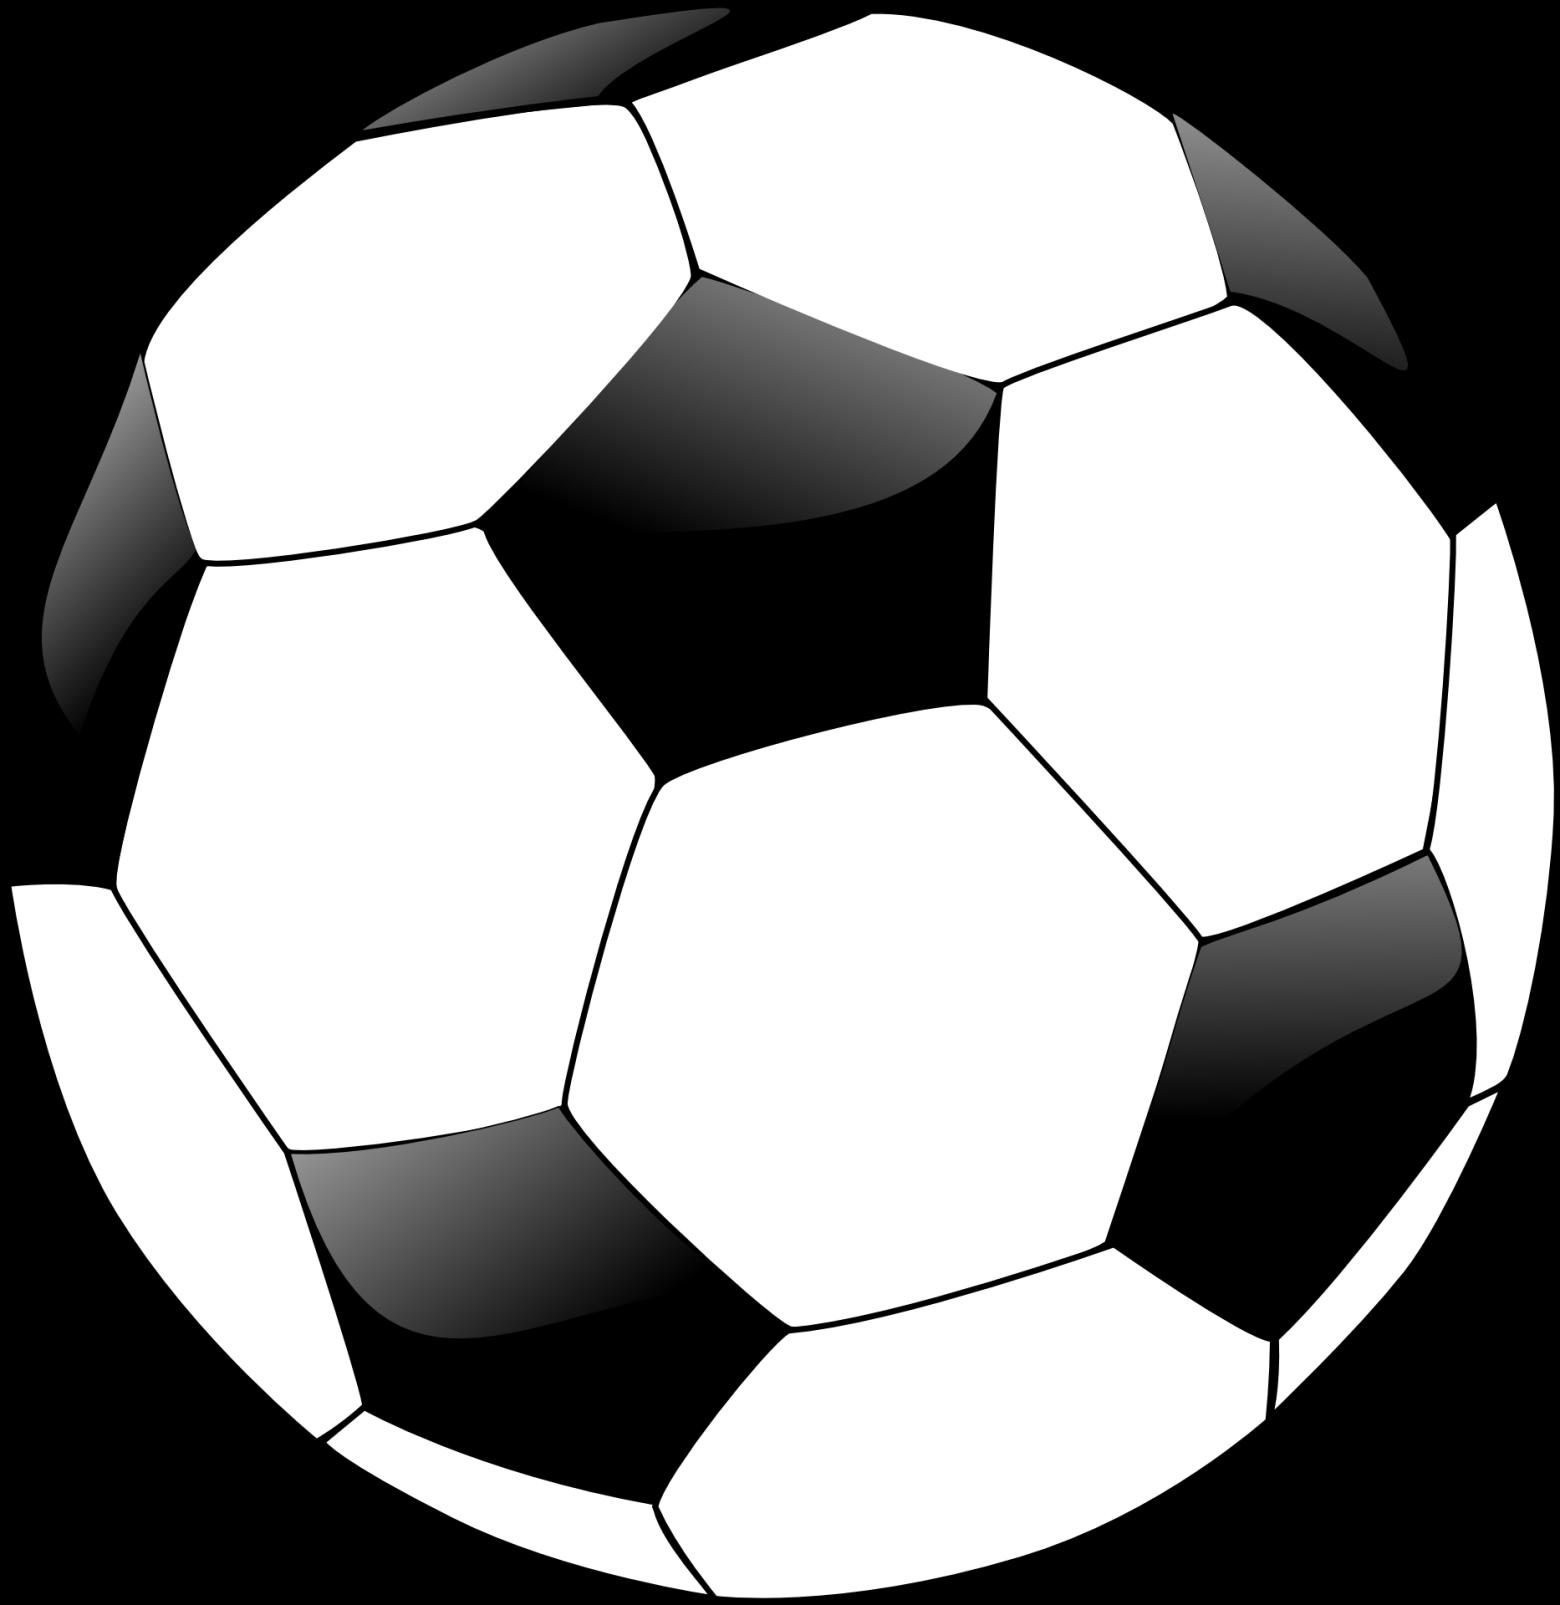 clipart ballon de football images gratuites images creation clip art pictures creation clip art images